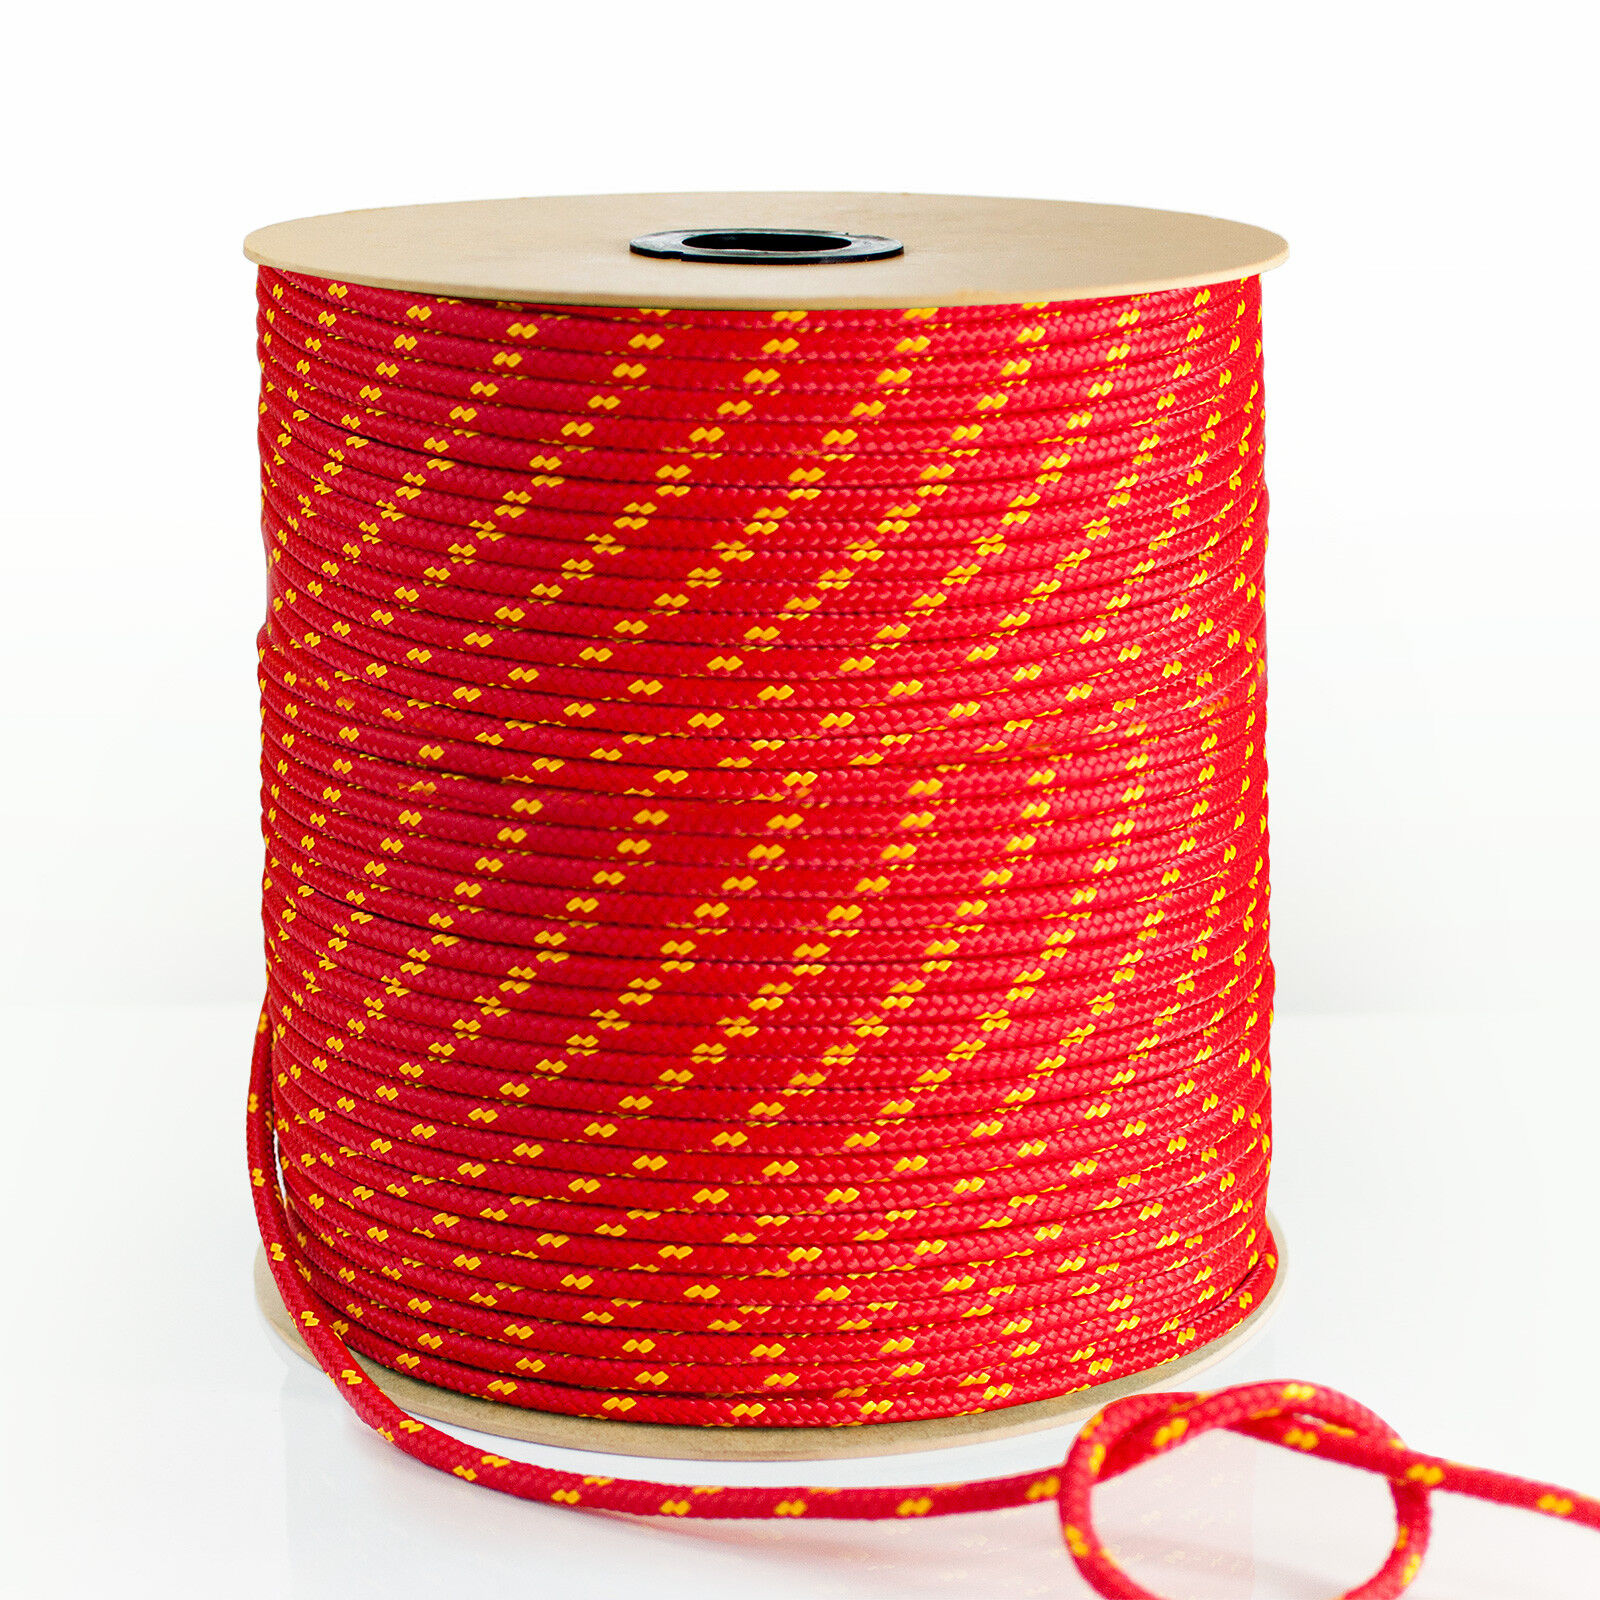 Polypropylenseil 10m – 200m Seile ROT Polypropylen Seil Festmacher Seile 200m Flechtleine 561ded